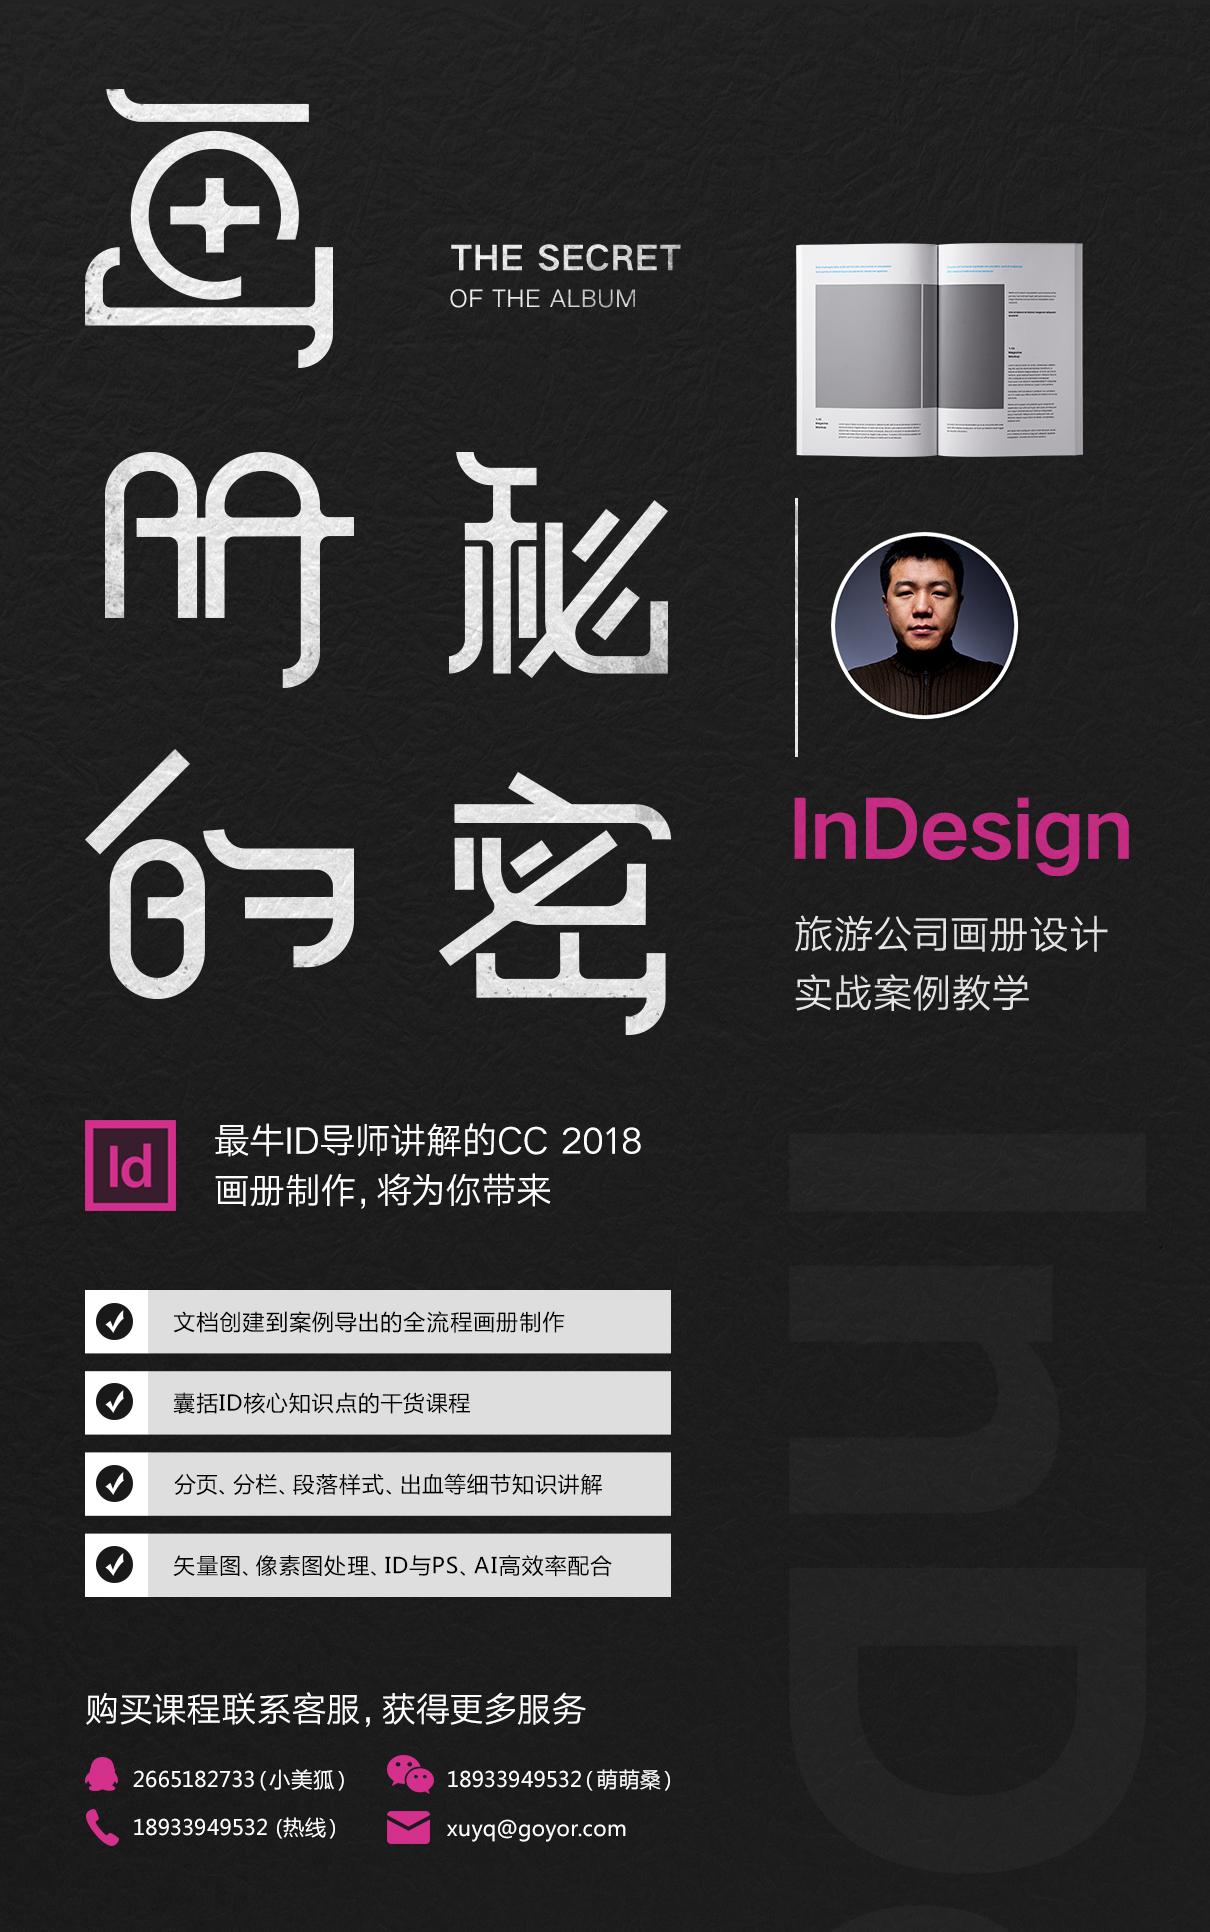 贾斌画册设计-主图.jpg